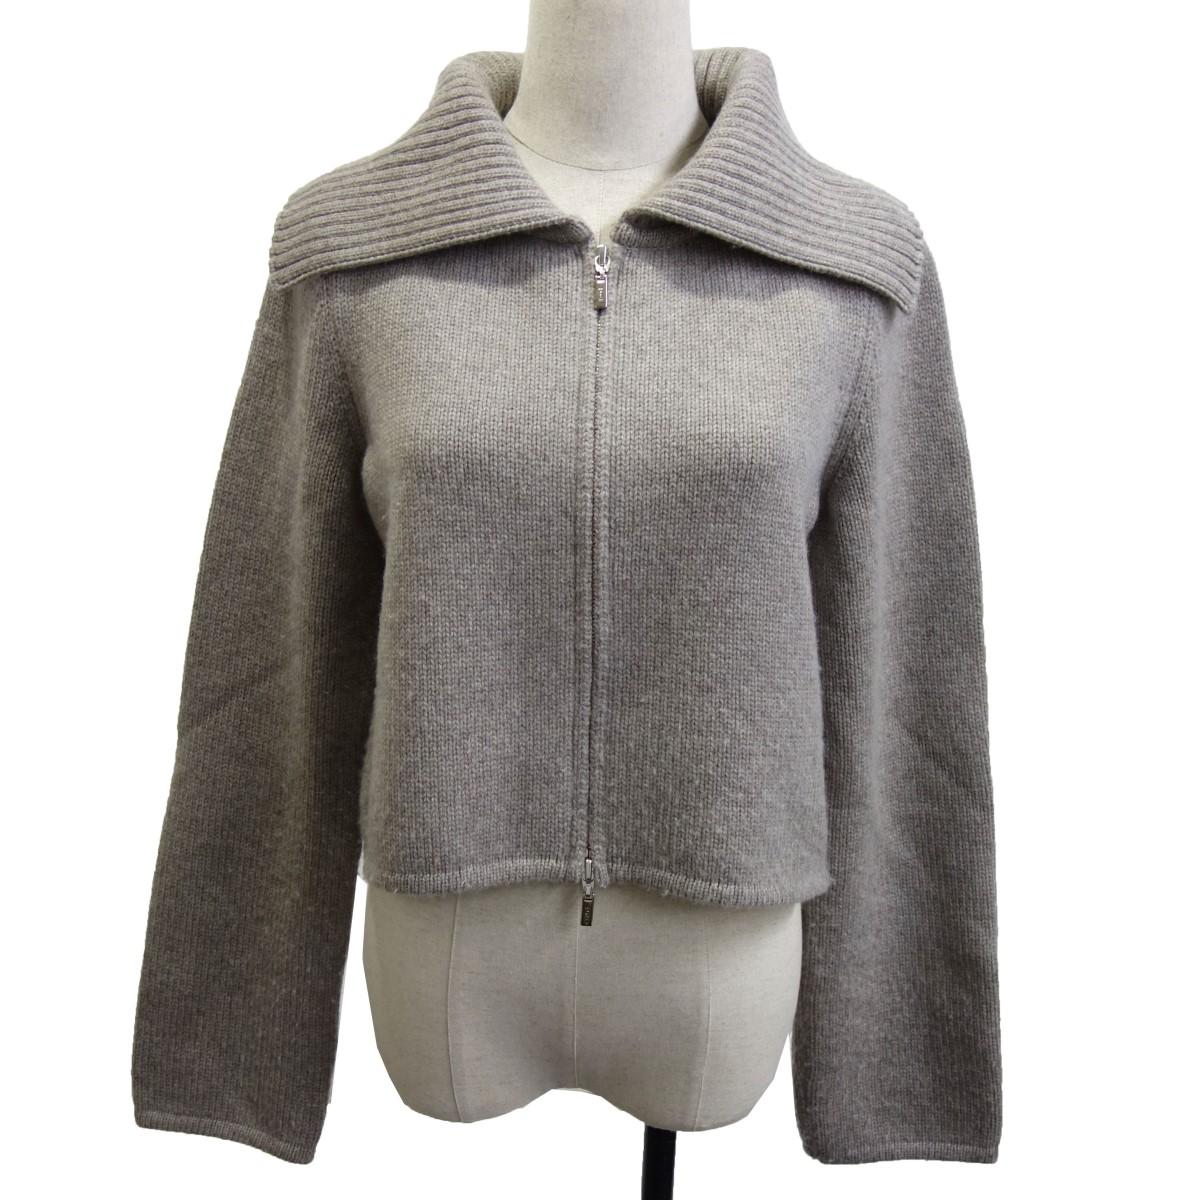 【中古】FOXEY 39112 「Knit Jacket Biscuit」 ニットジャケット グレー サイズ:40 【150920】(フォクシー)